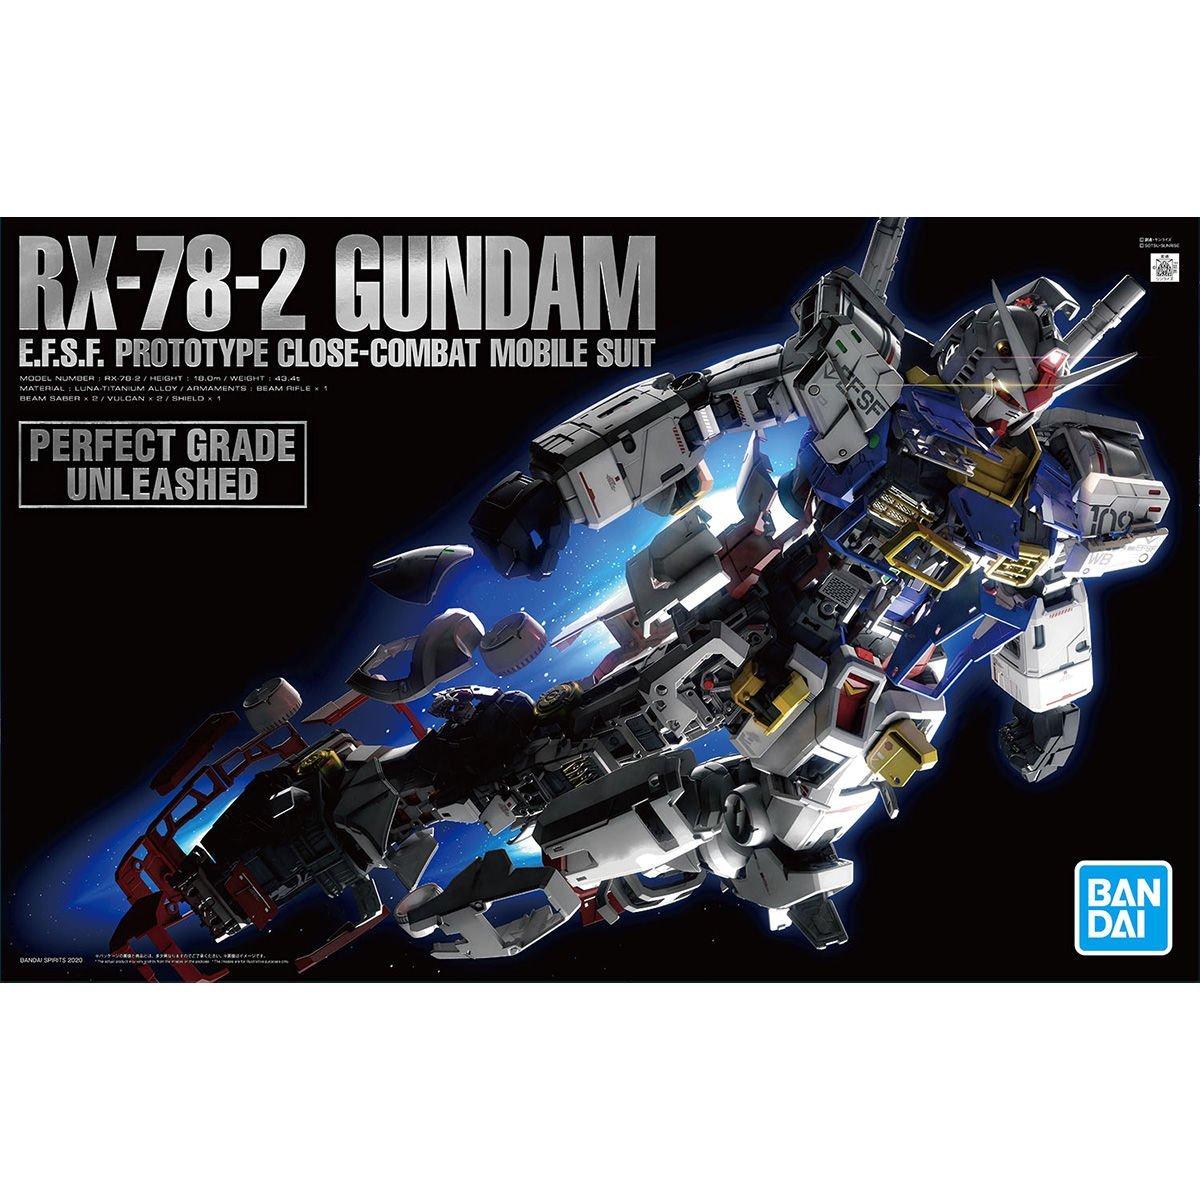 鋼彈gundam組合模型 PG UNLEASHED 1/60 RX-78-2 鋼彈